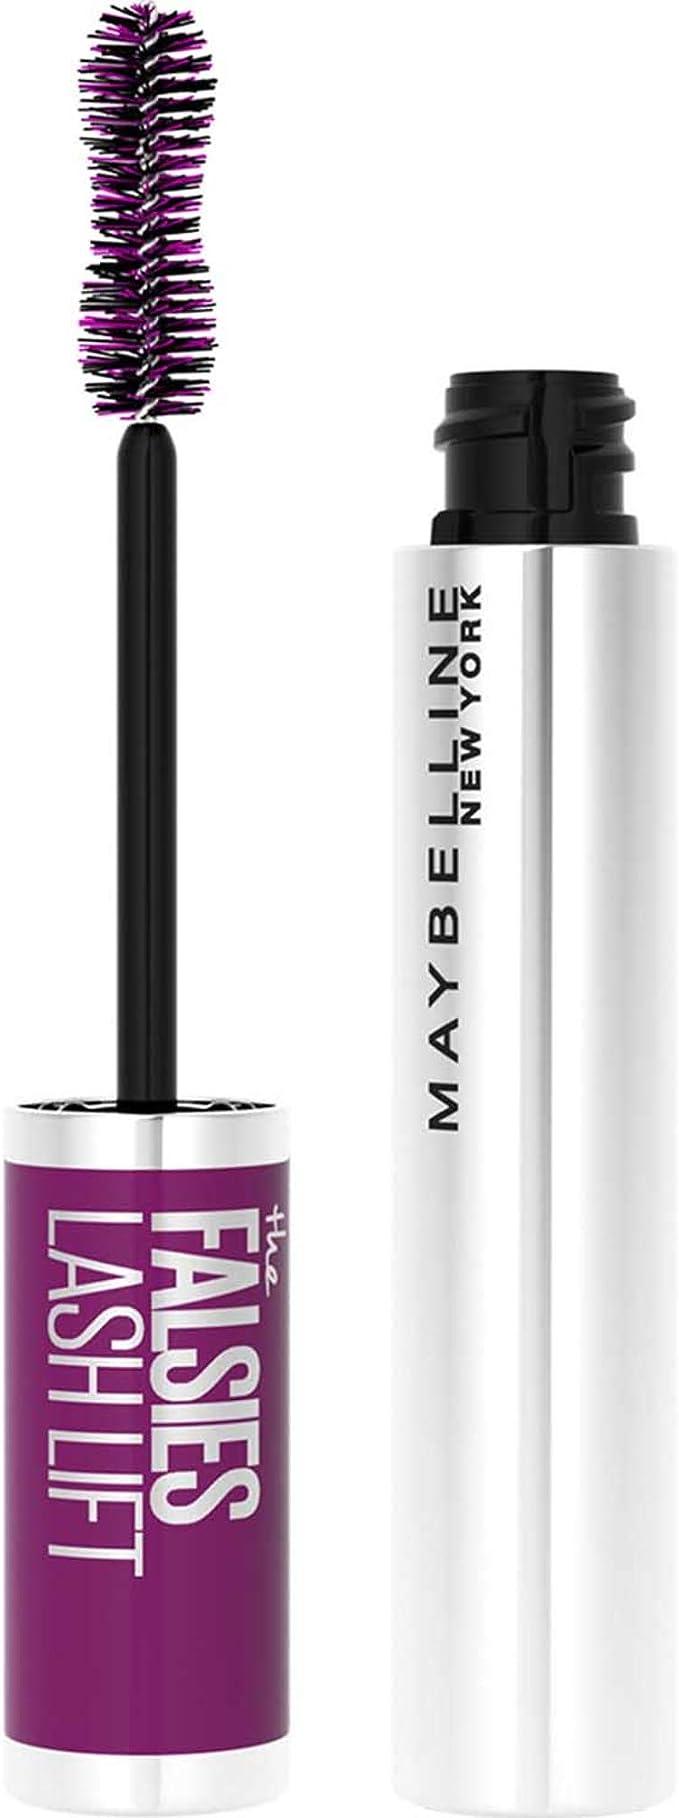 Maybelline New York, Máscara Efecto Pestañas Postizas, The Falsies Lash Lift, Color: Negro, 9.6 ml